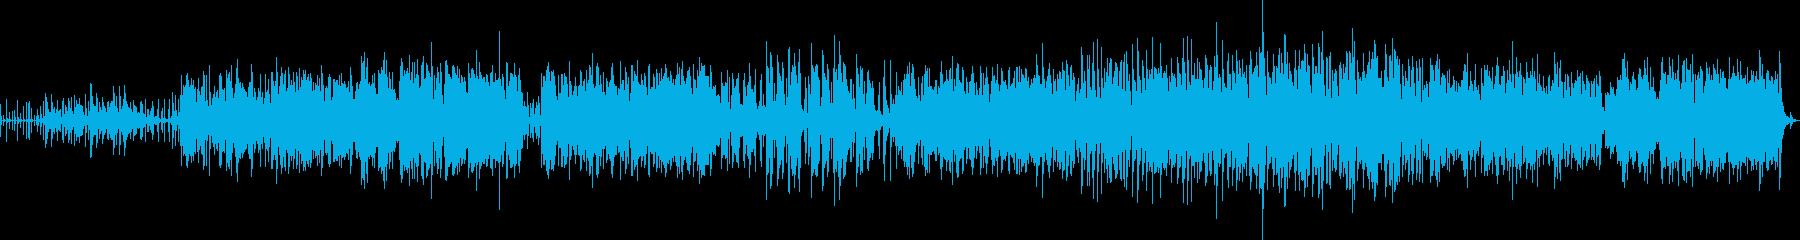 ジャズフュージョン系楽曲の再生済みの波形